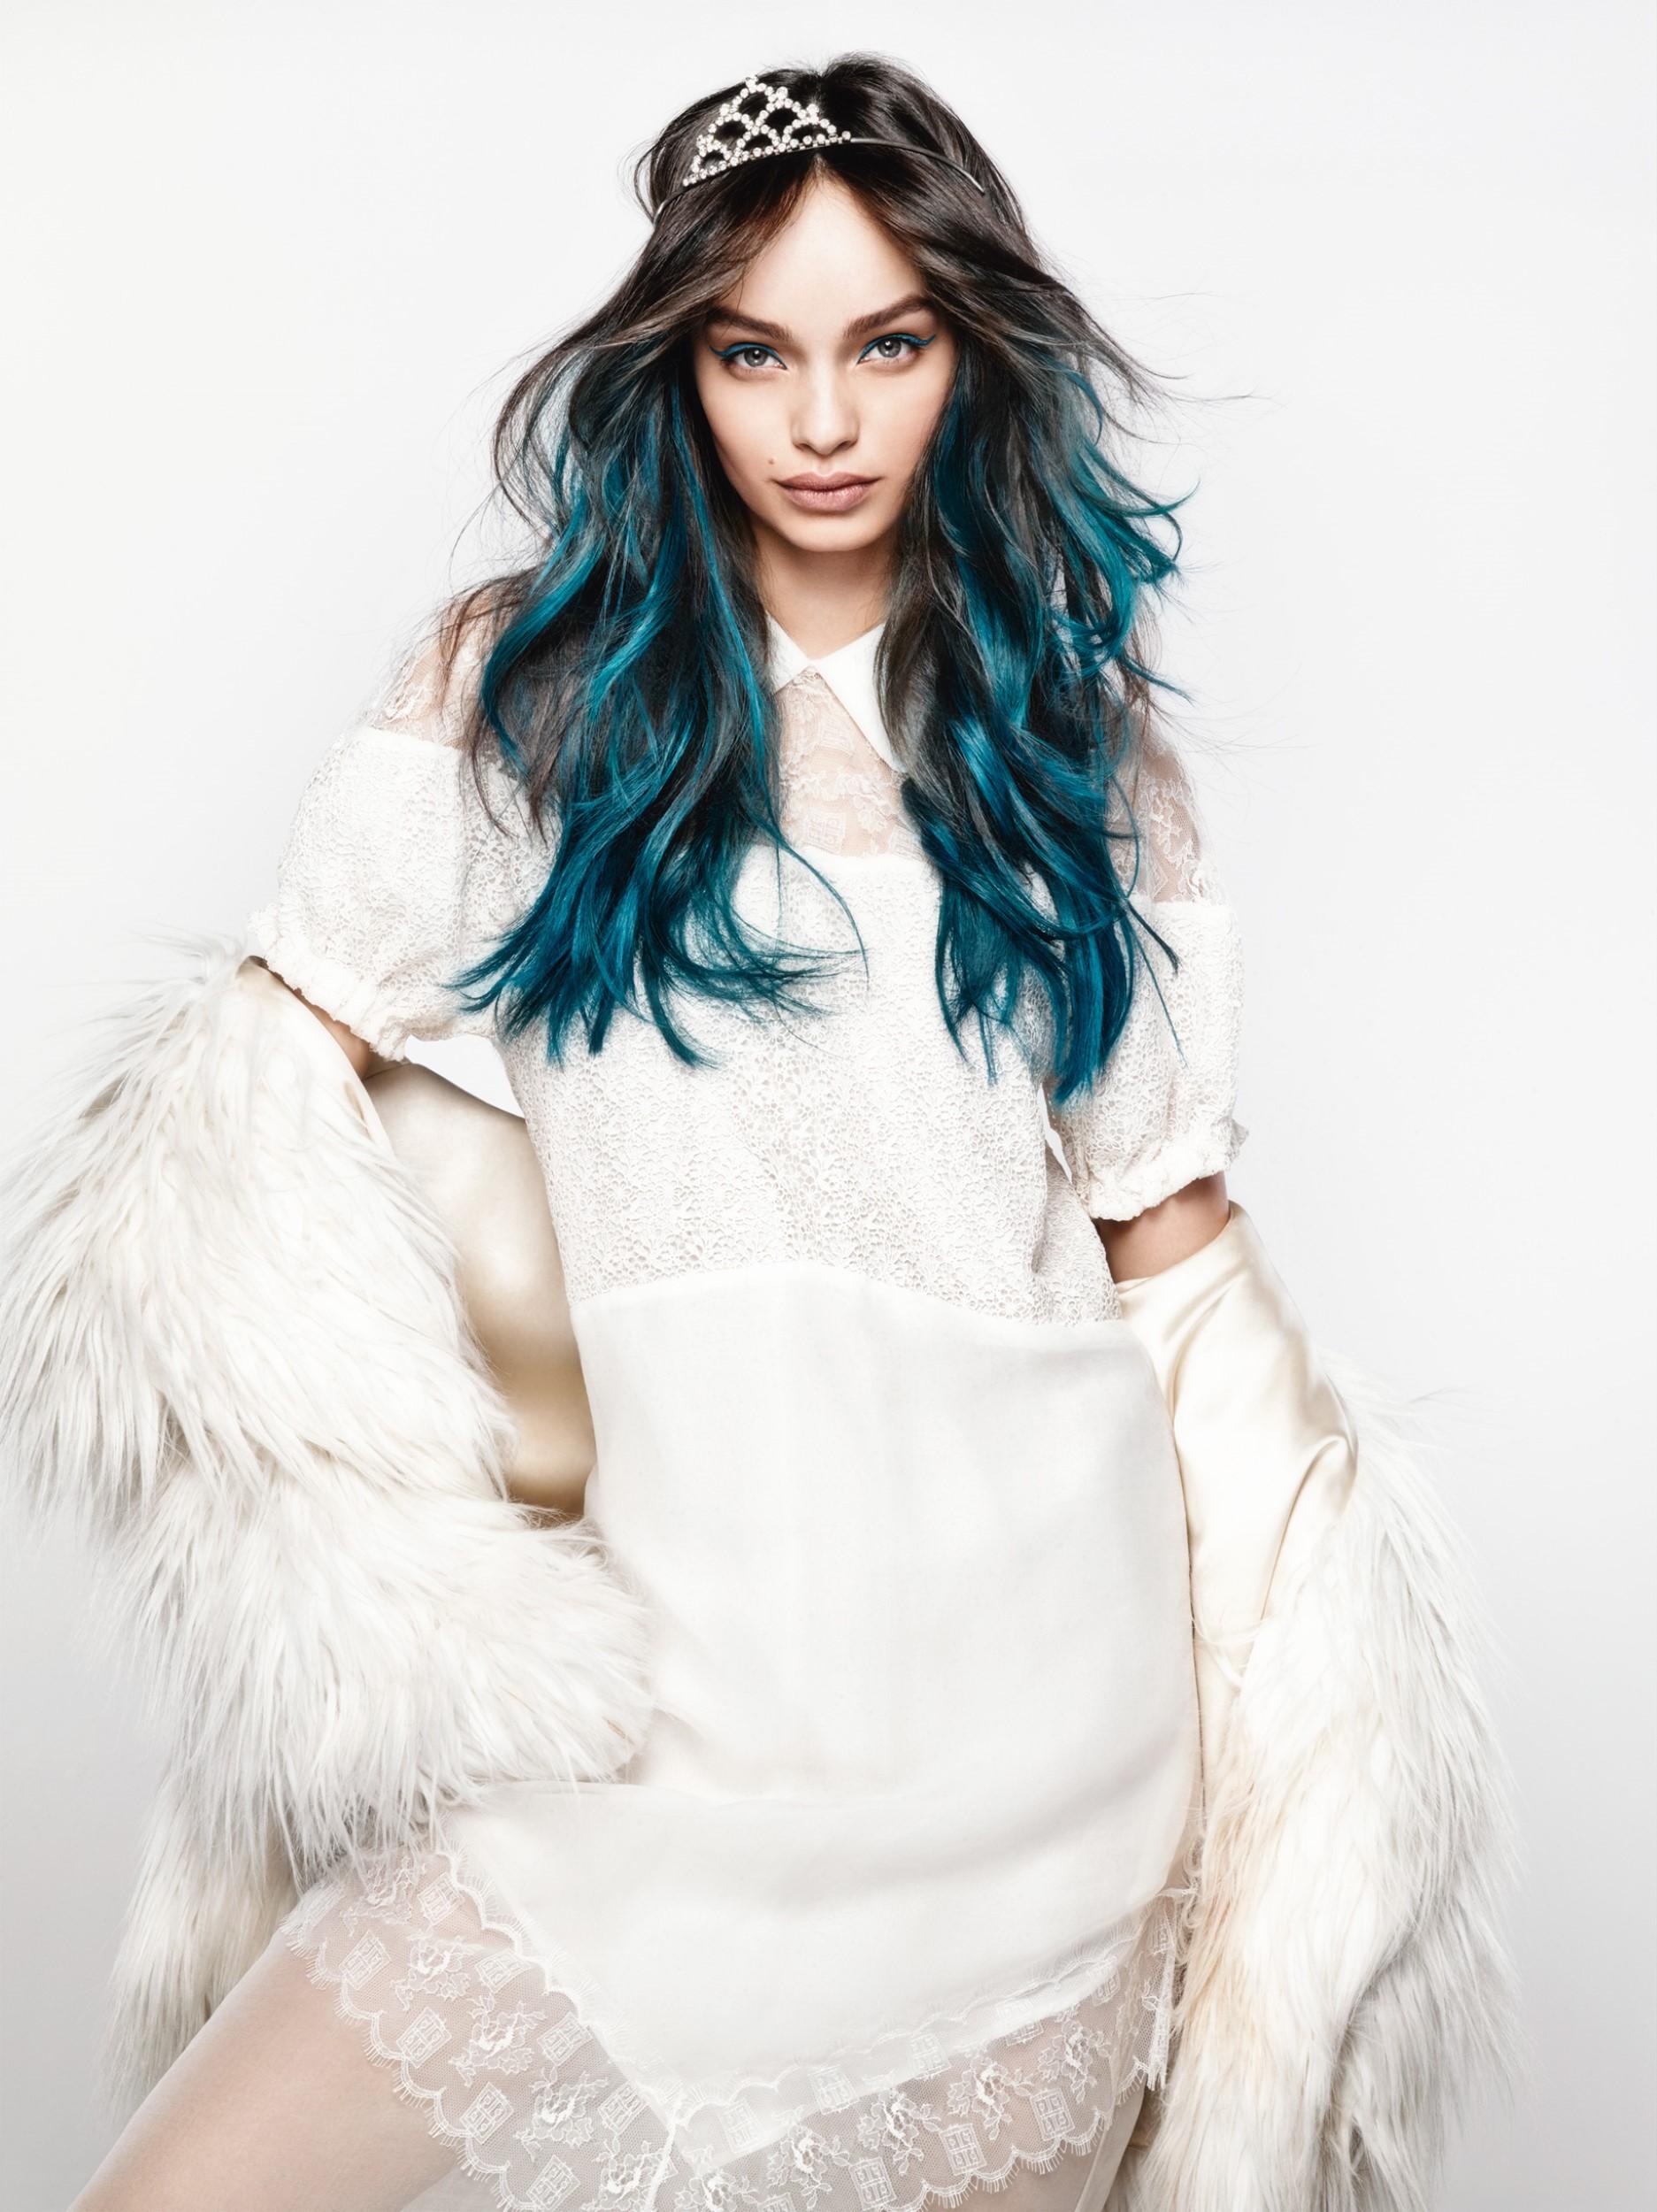 ספריי לשיער בצבעים נועזים קולוריסטה לוריאל פריז מחיר 34.90 שח צילום יחצ חול